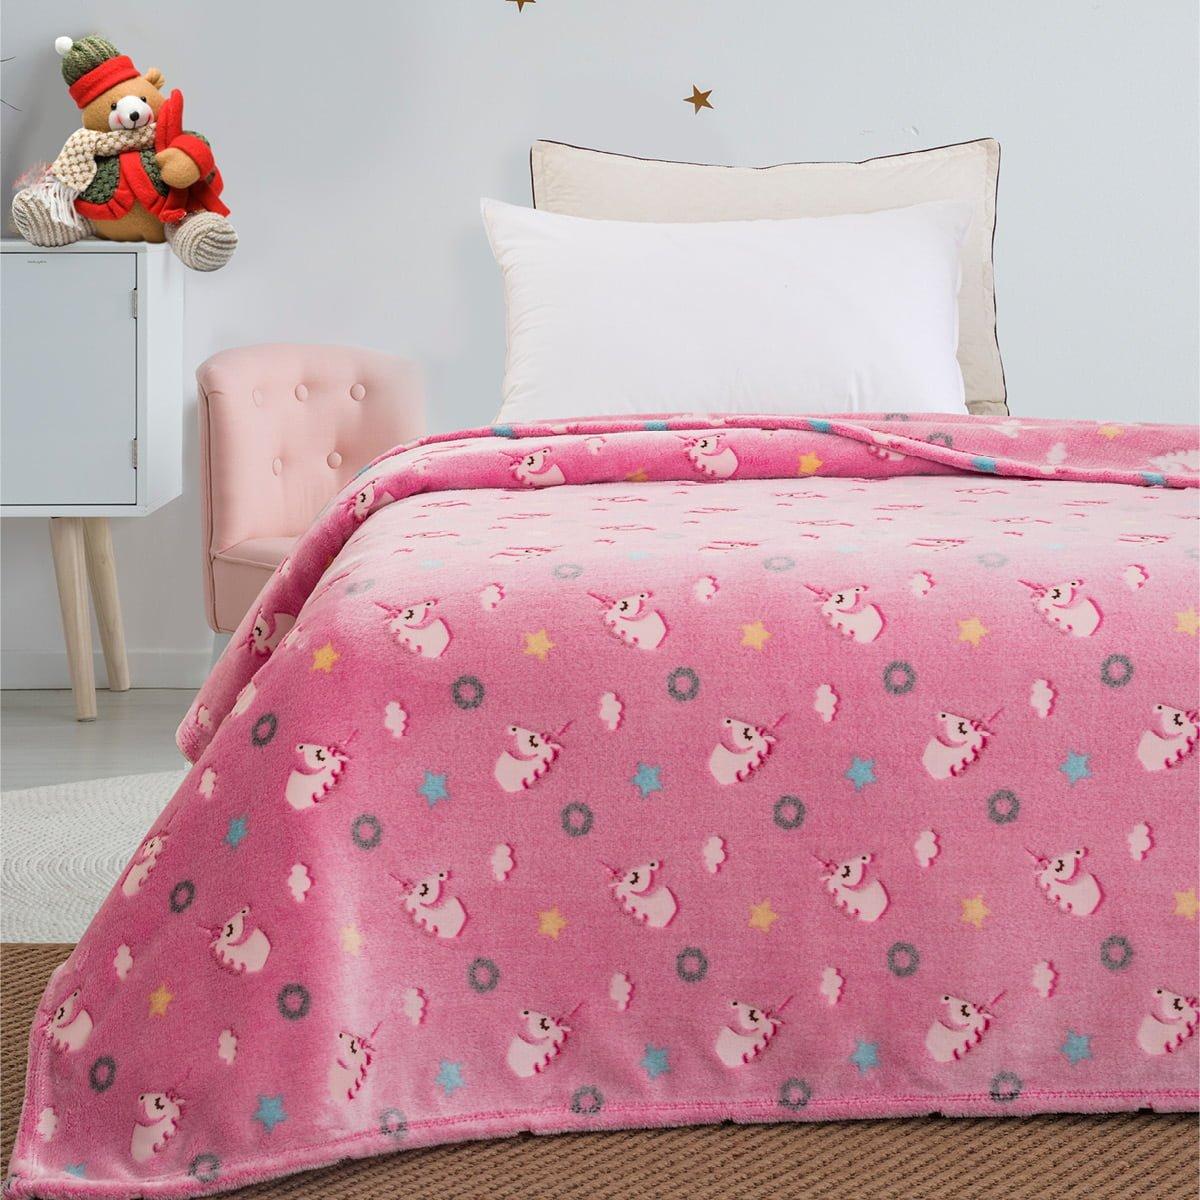 Κουβέρτα μονή φωσφορίζουσα Art 6093  160x220 Ροζ Beauty Home